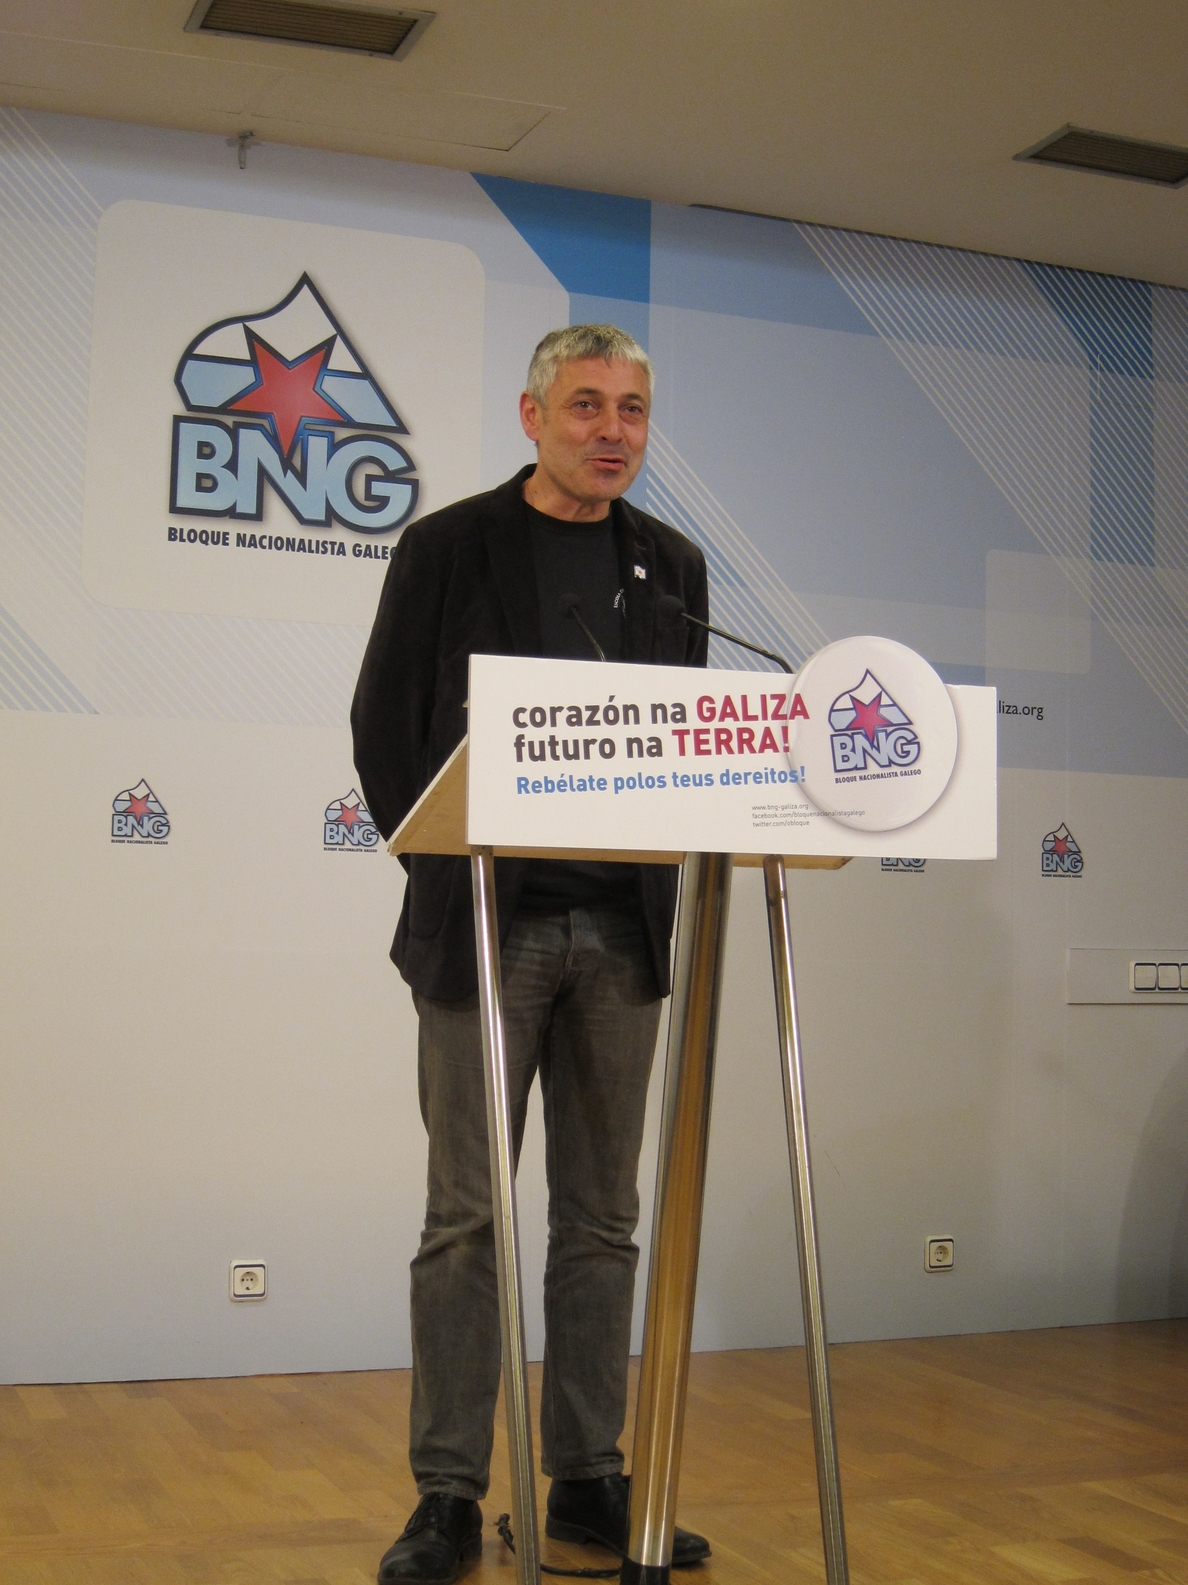 El BNG acusa a Feijóo y Escotet de «fraude» por no resolver en los meses prometidos la «gran estafa» de las preferentes